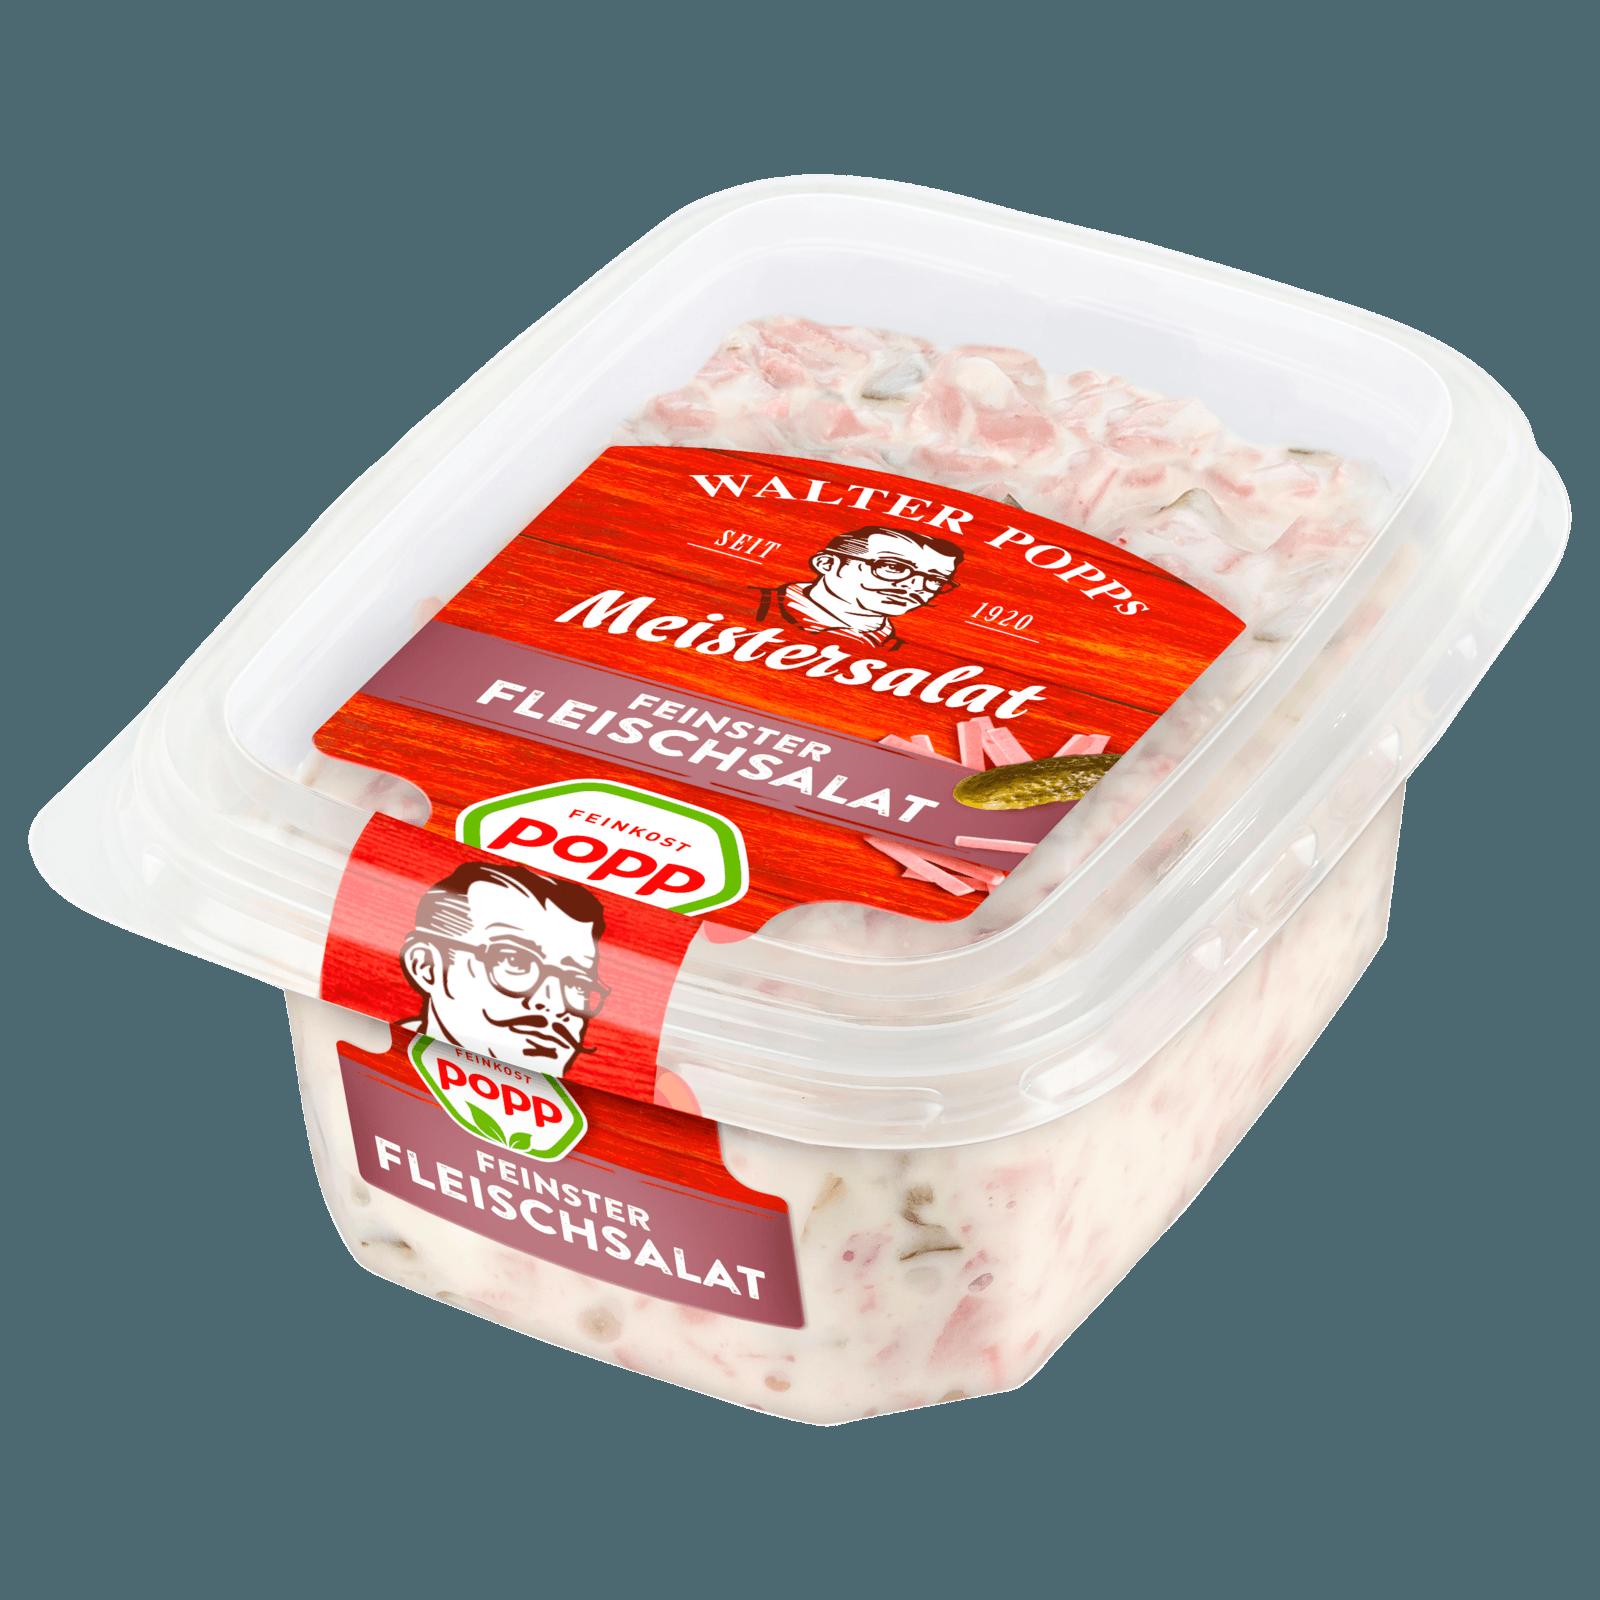 Popp Feinster Fleischsalat 200g